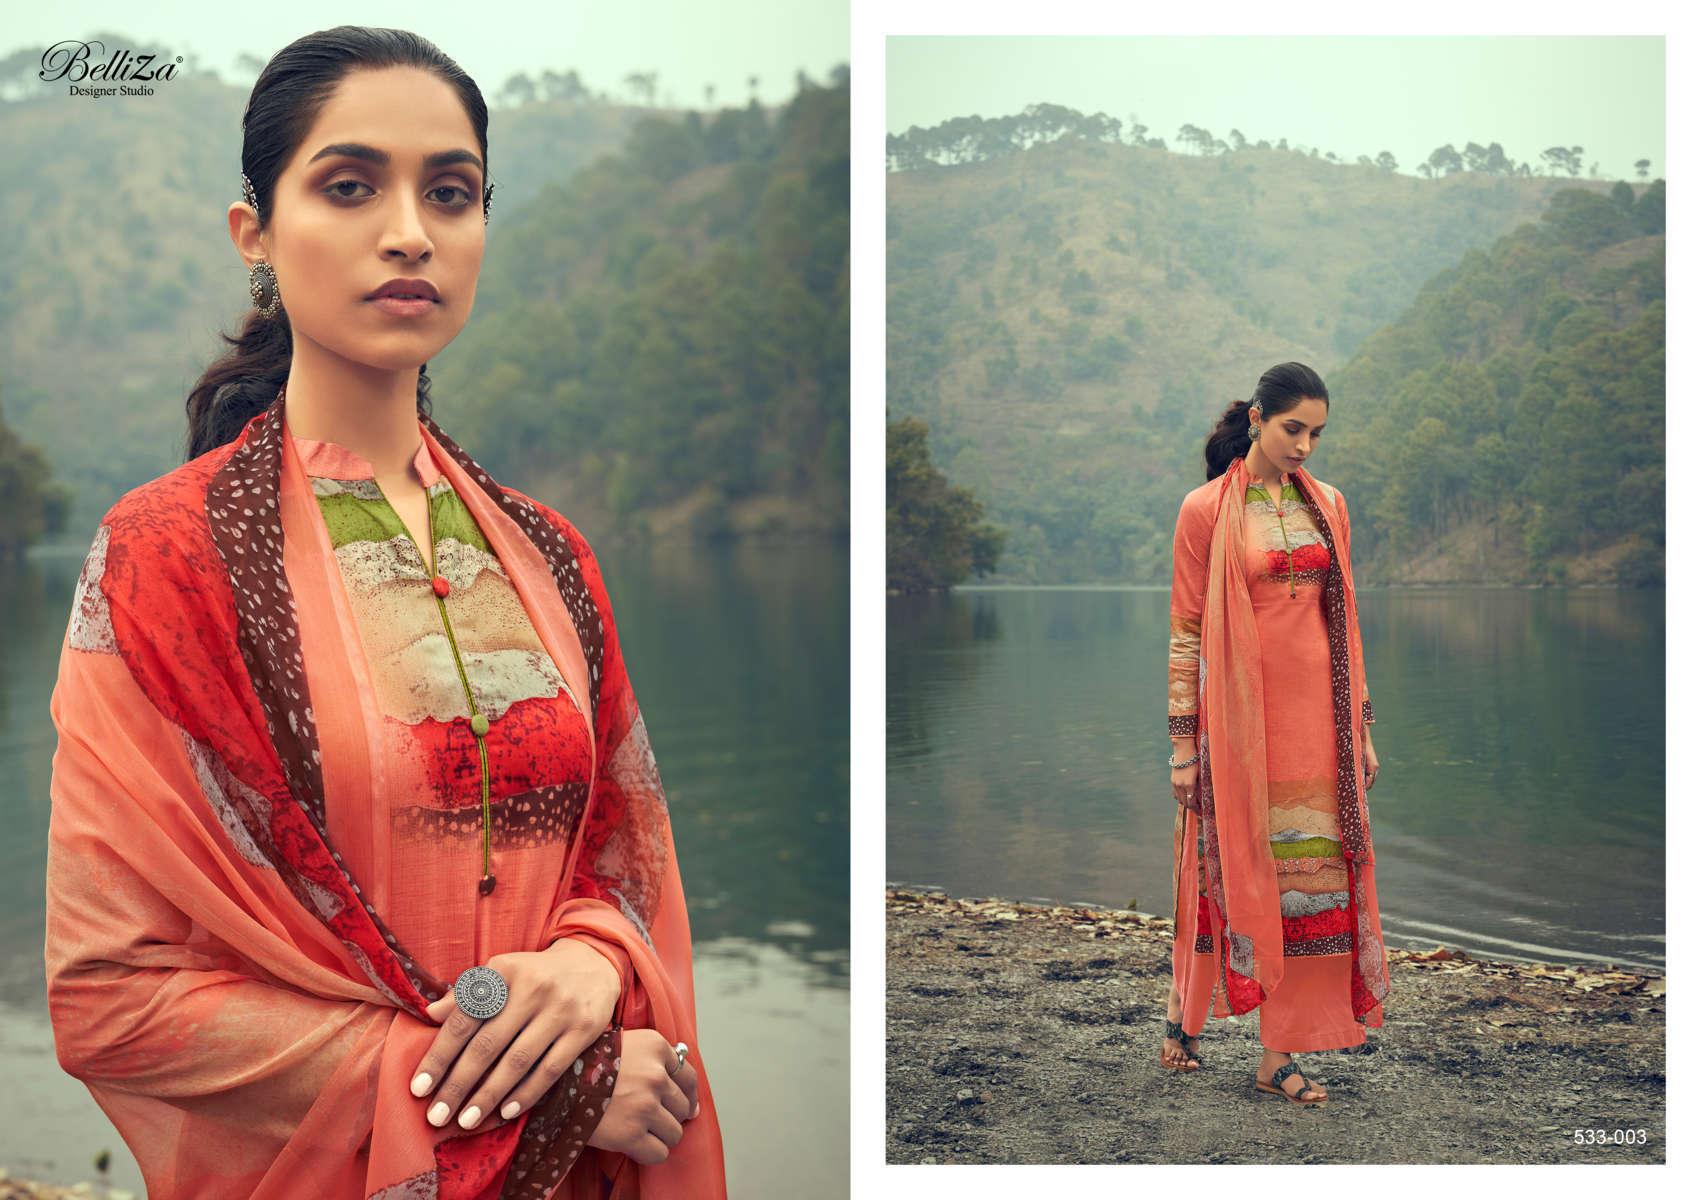 Belliza Riwaaz Vol 2 Salwar Suit Wholesale Catalog 10 Pcs 4 1 - Belliza Riwaaz Vol 2 Salwar Suit Wholesale Catalog 10 Pcs